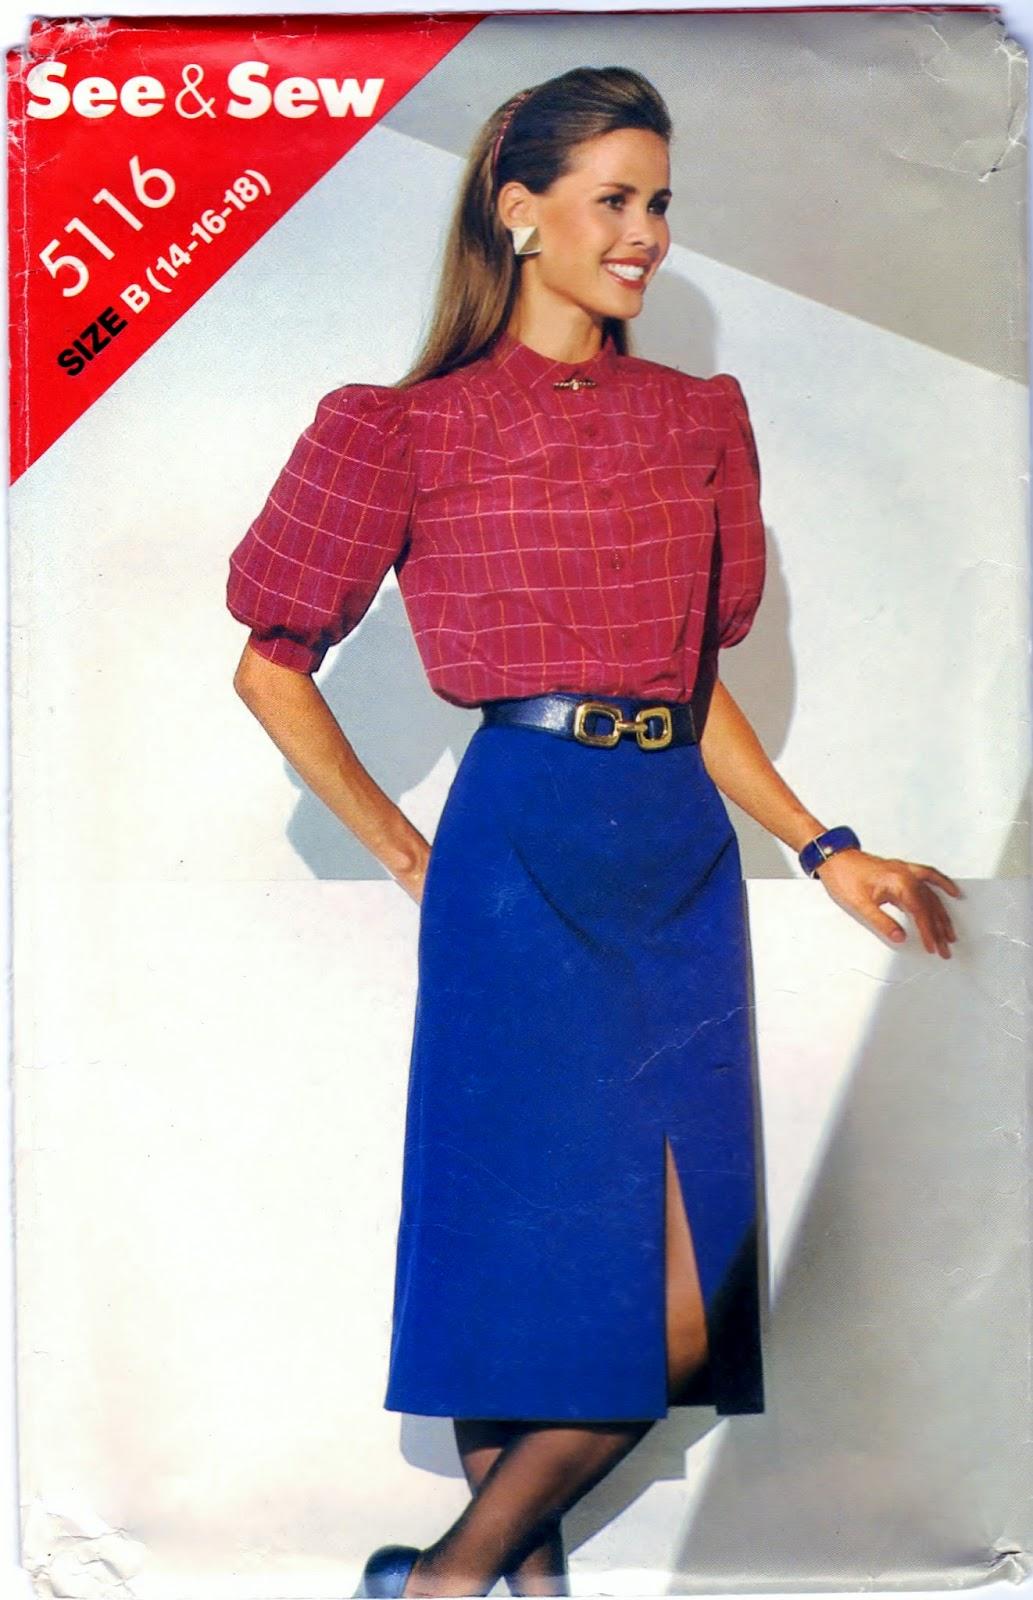 https://www.etsy.com/listing/209374018/see-sew-5116-vintage-diy-misses-blouse?ref=pr_shop